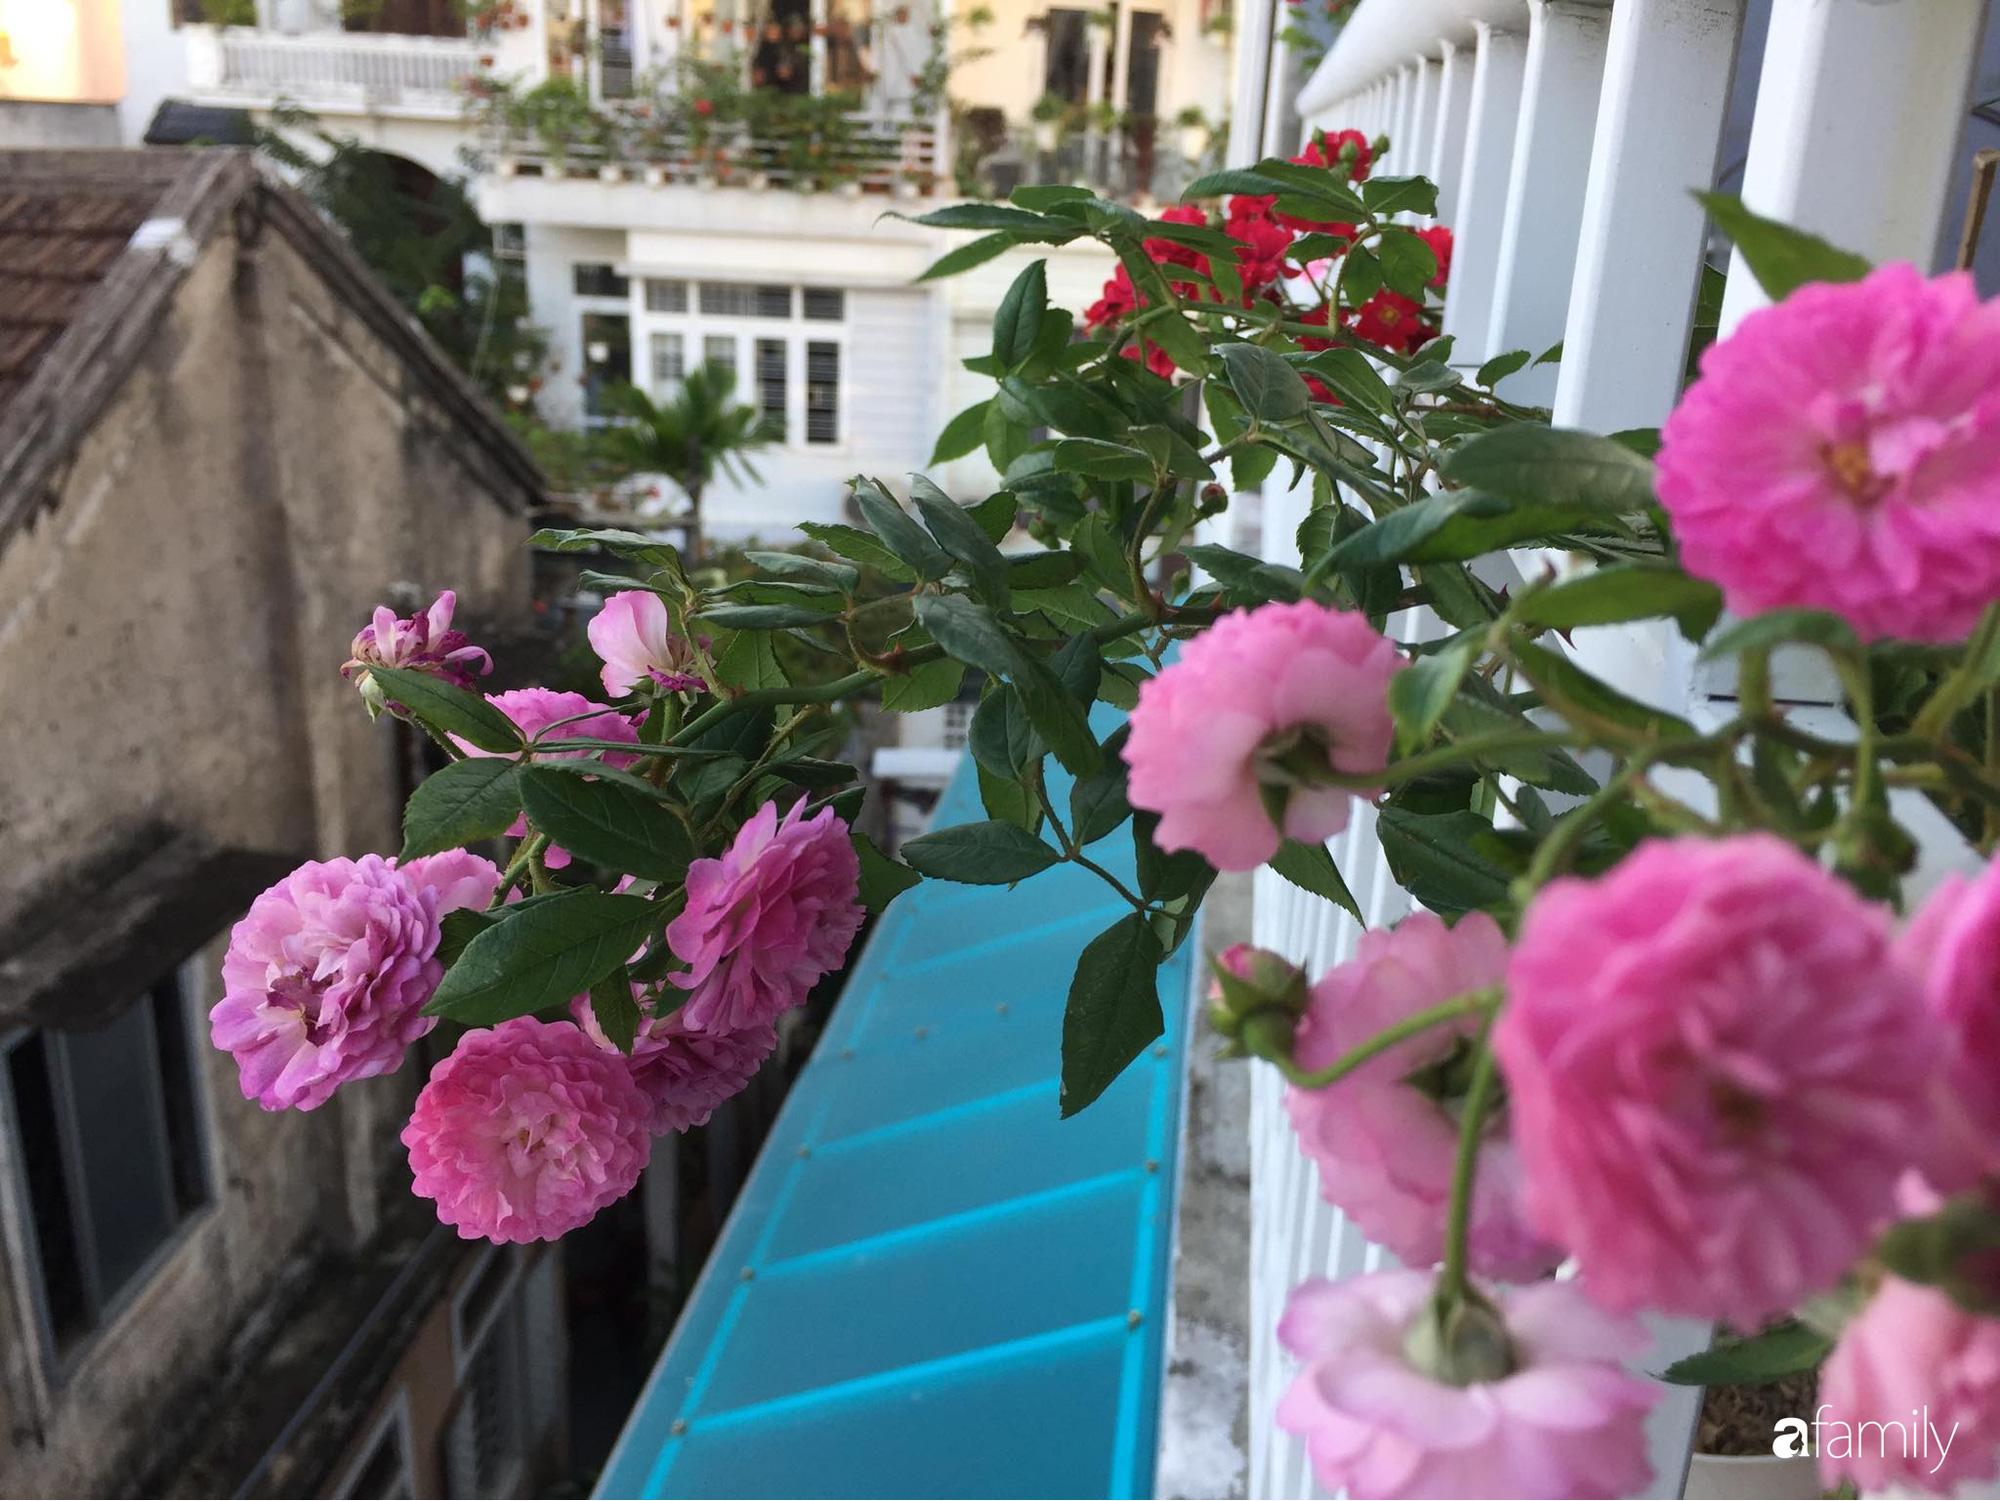 Mê hoa hồng, cô gái trẻ xứ Huế quyết tâm thức khuya dậy sớm tạo cả vườn hồng rực rỡ trên sân thượng - Ảnh 5.